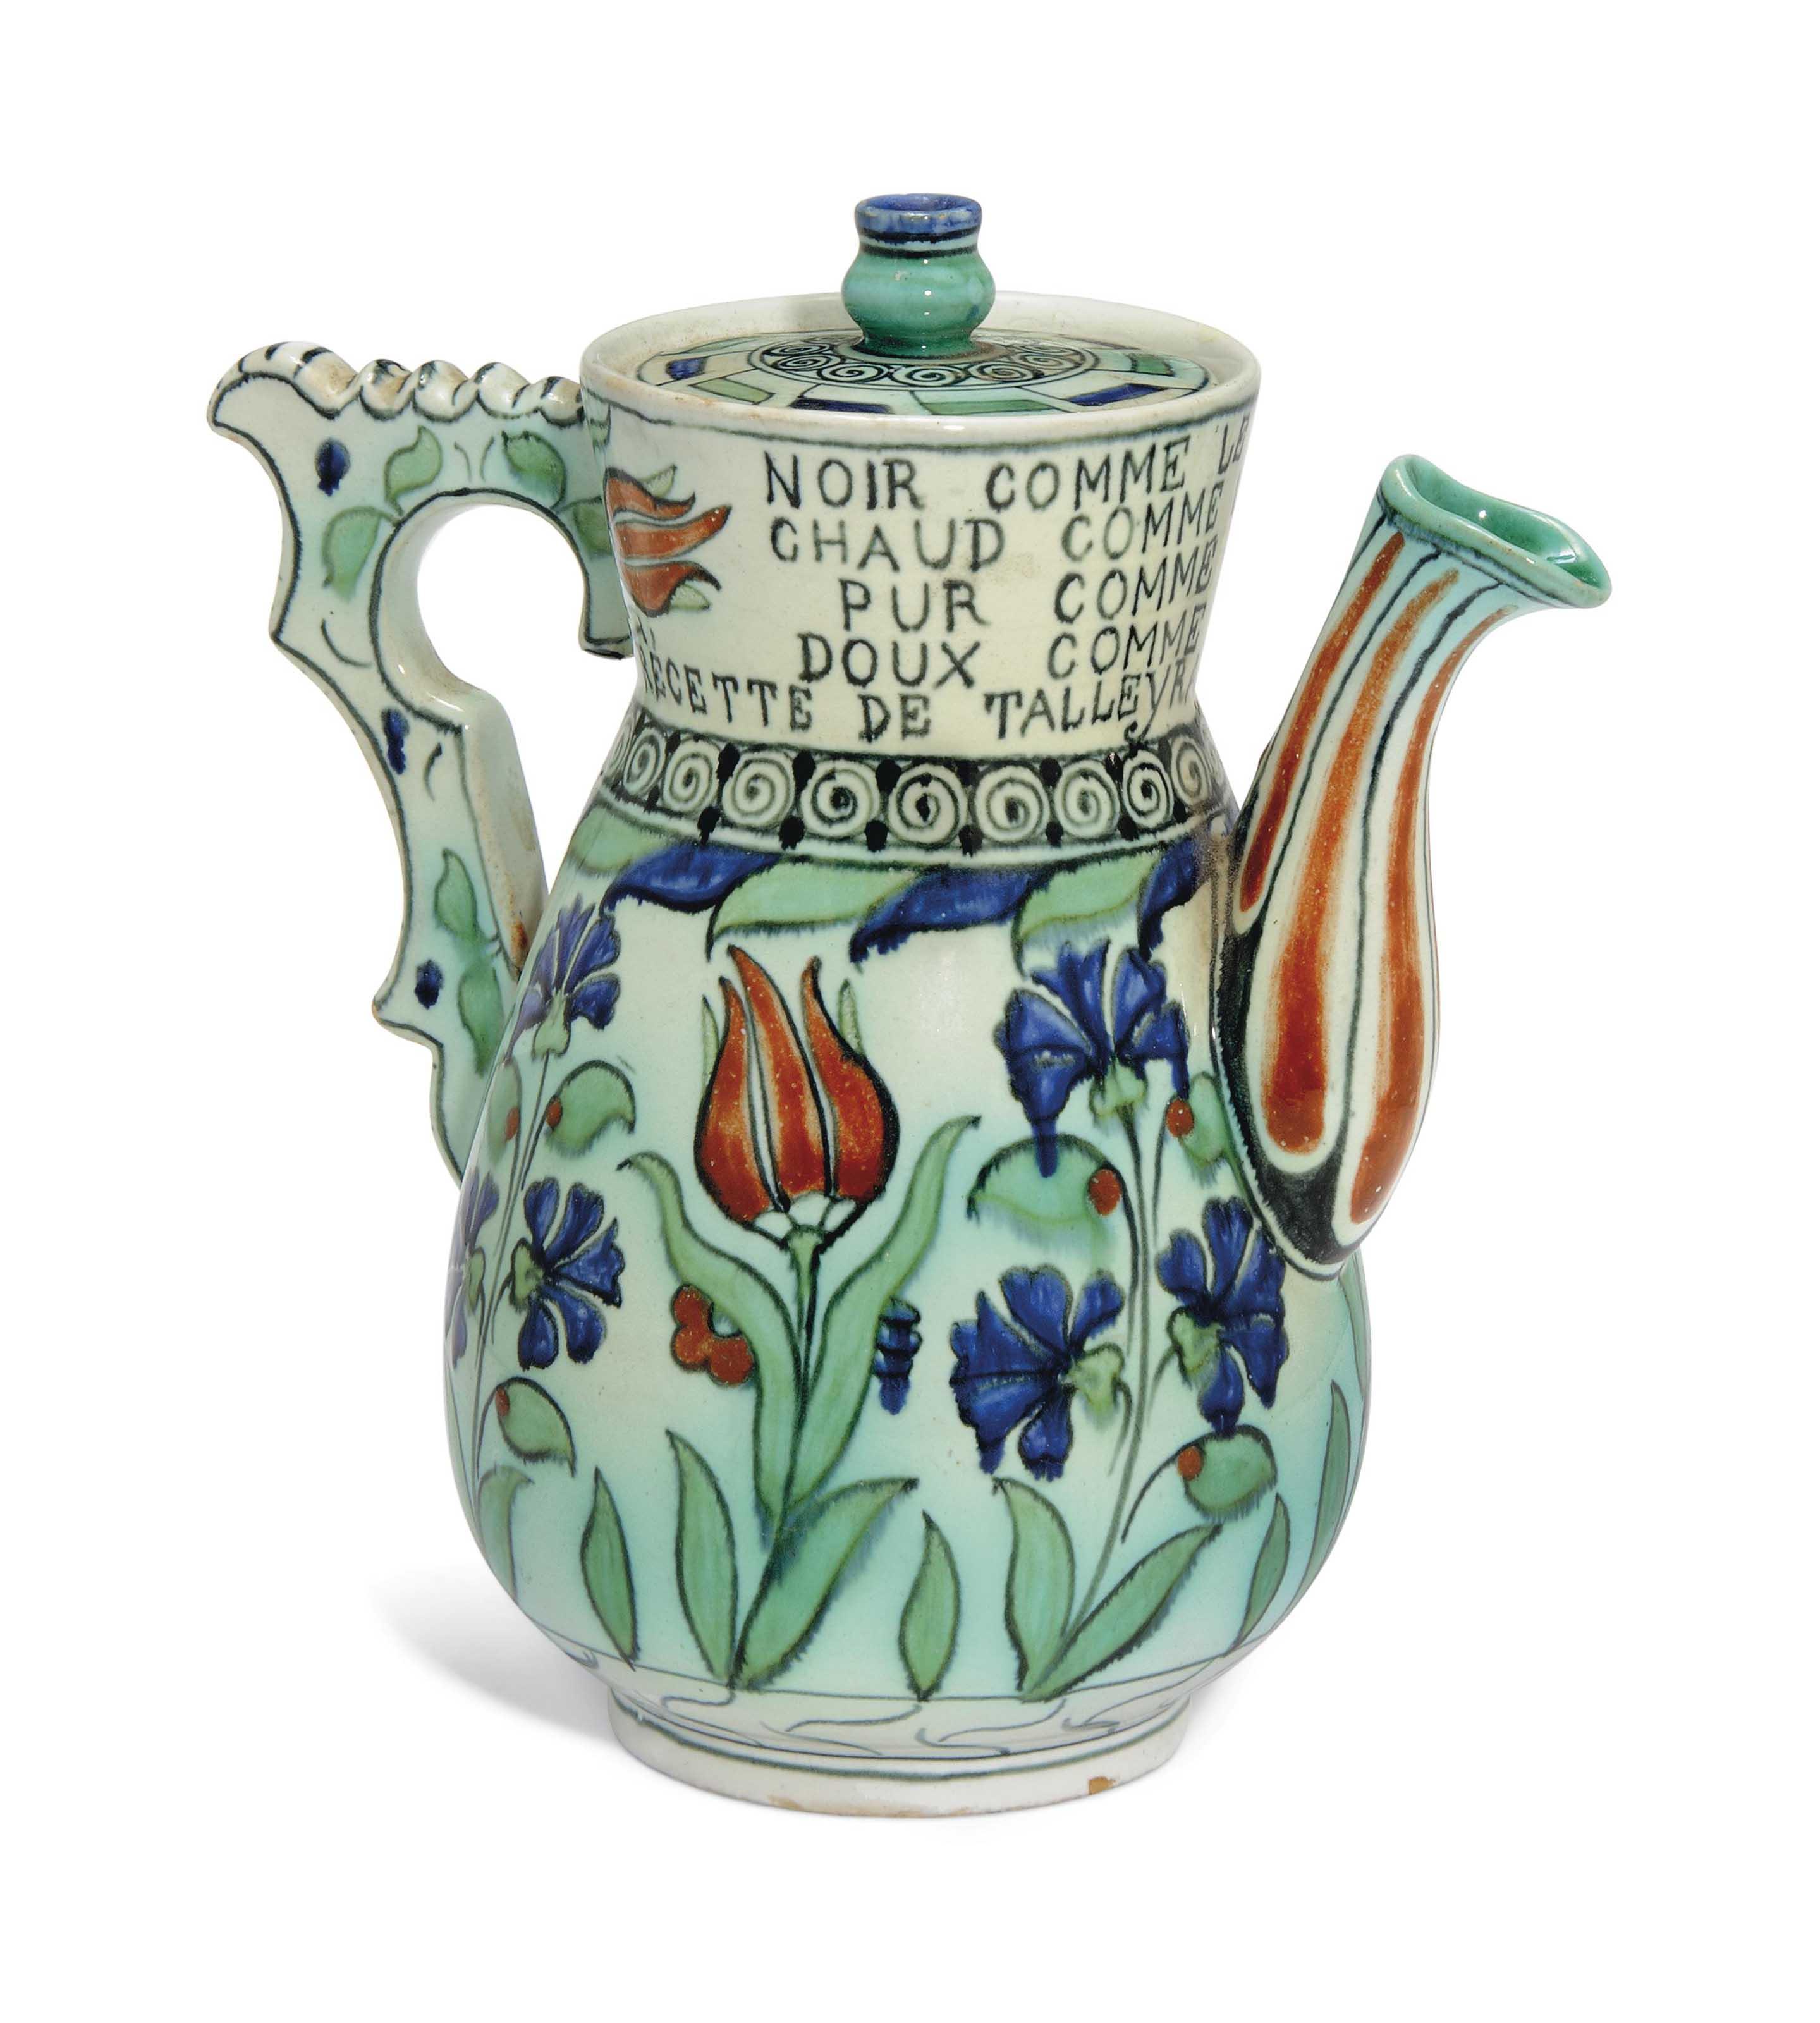 dating cantagalli keramik se serier der daterer i mørket